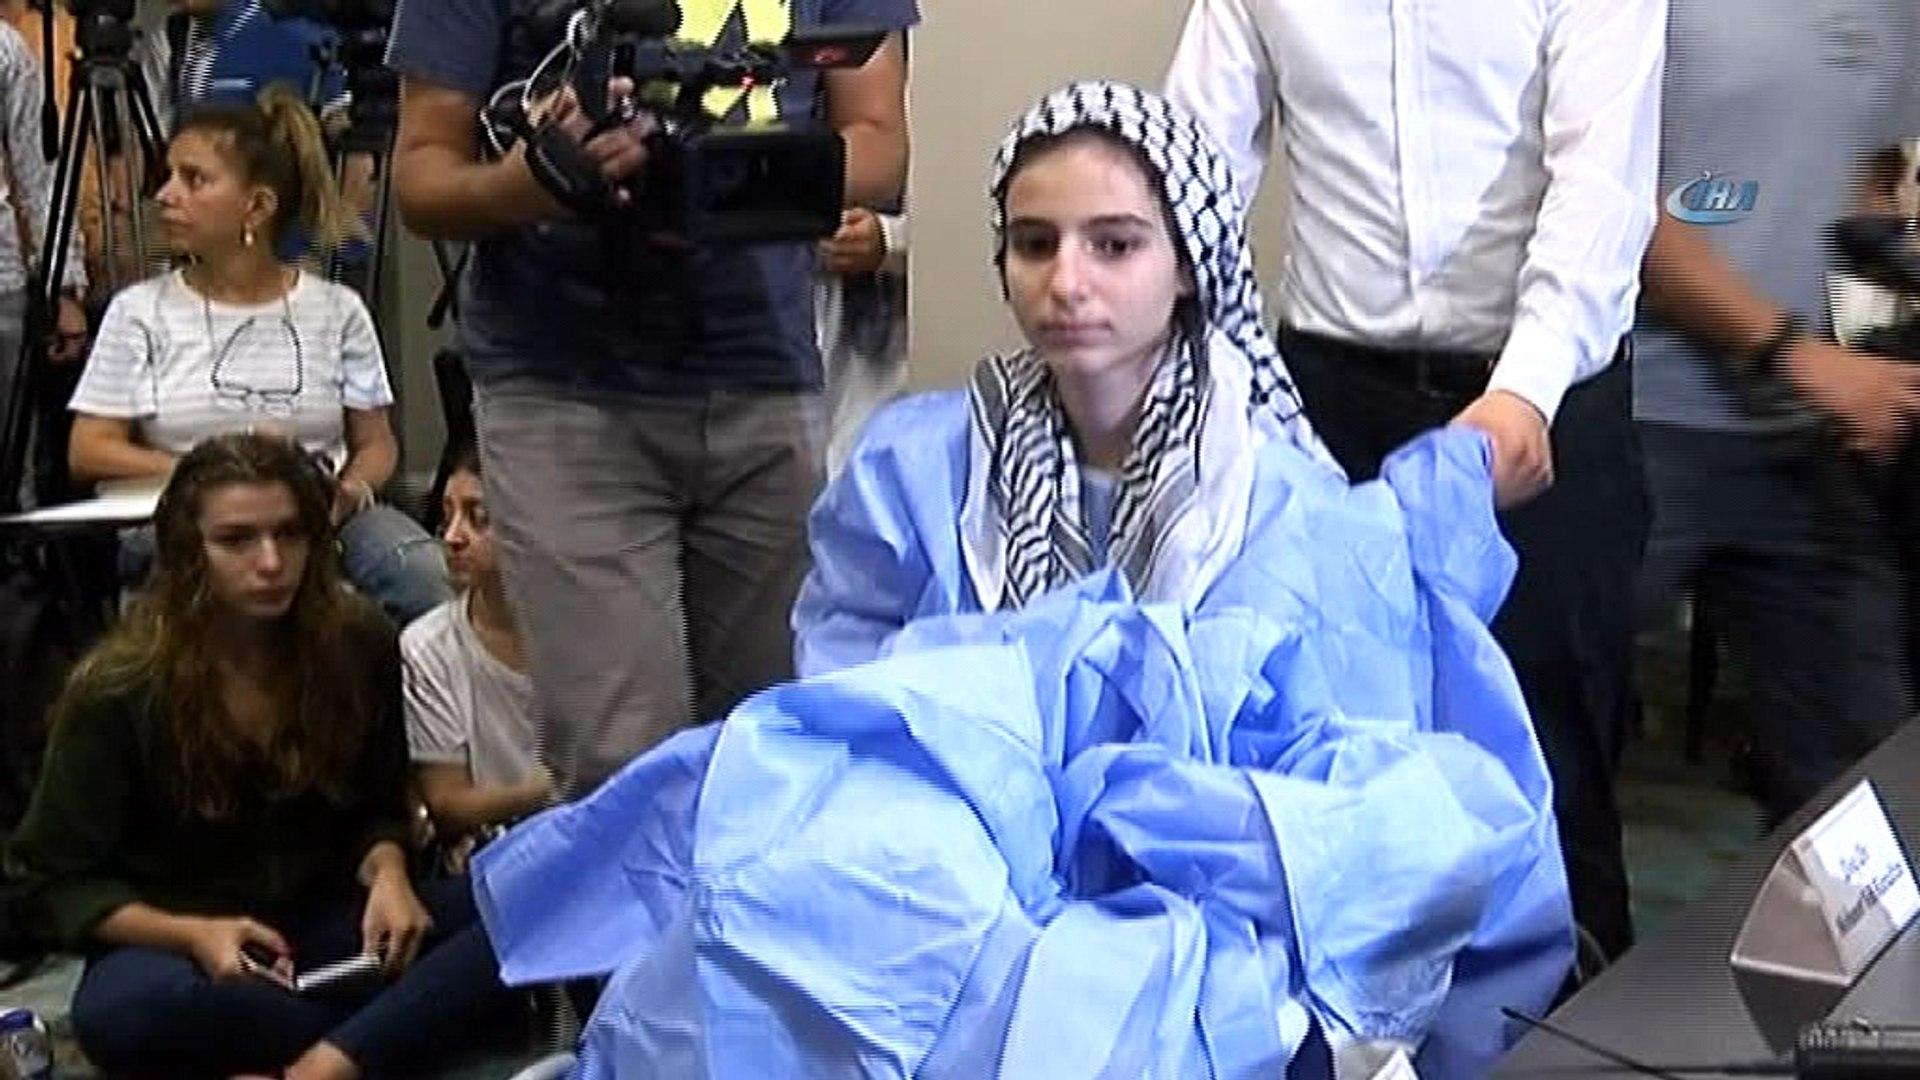 Gazze'de İsrail askerleri tarafından vurulan Meryem, İstanbul'da tedavi edildi